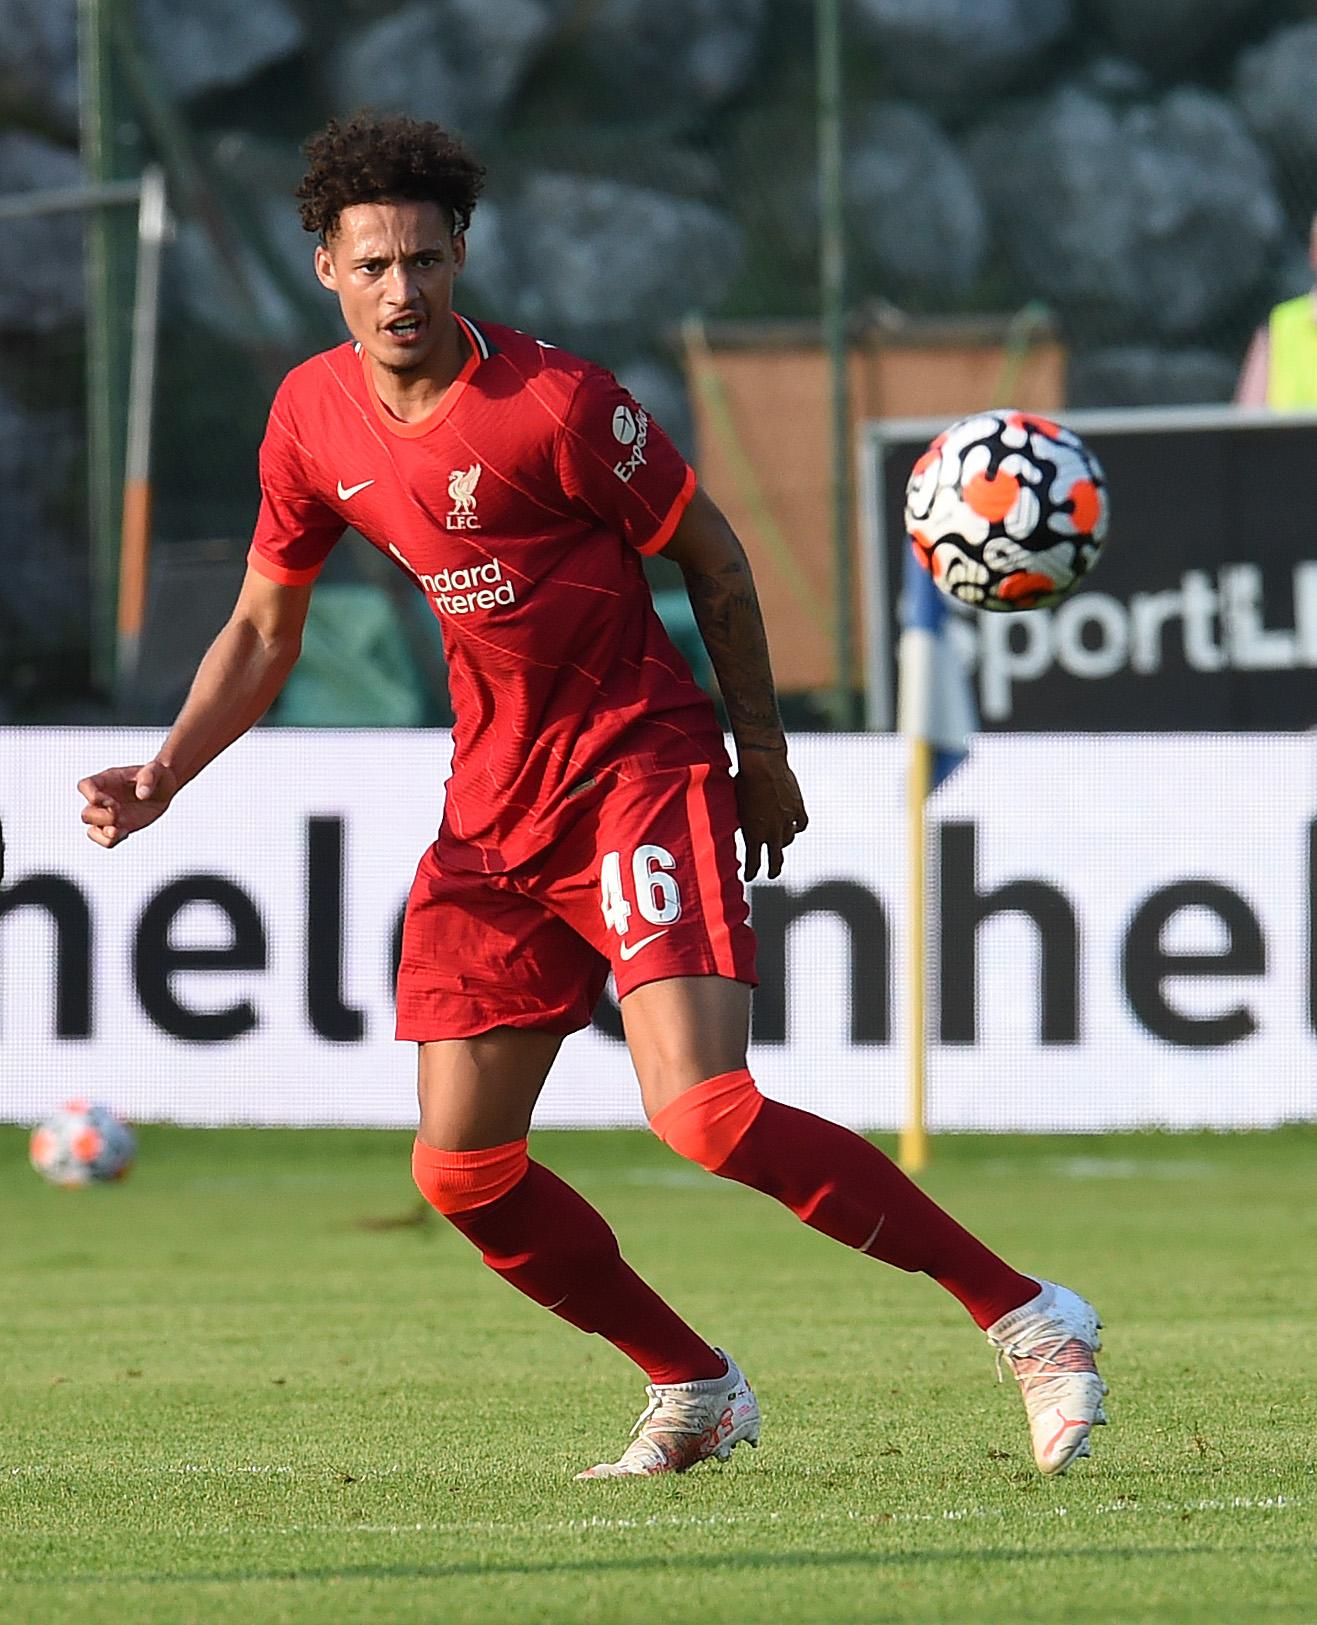 FC Liverpool v VfB Stuttgart - Blitz Tournament